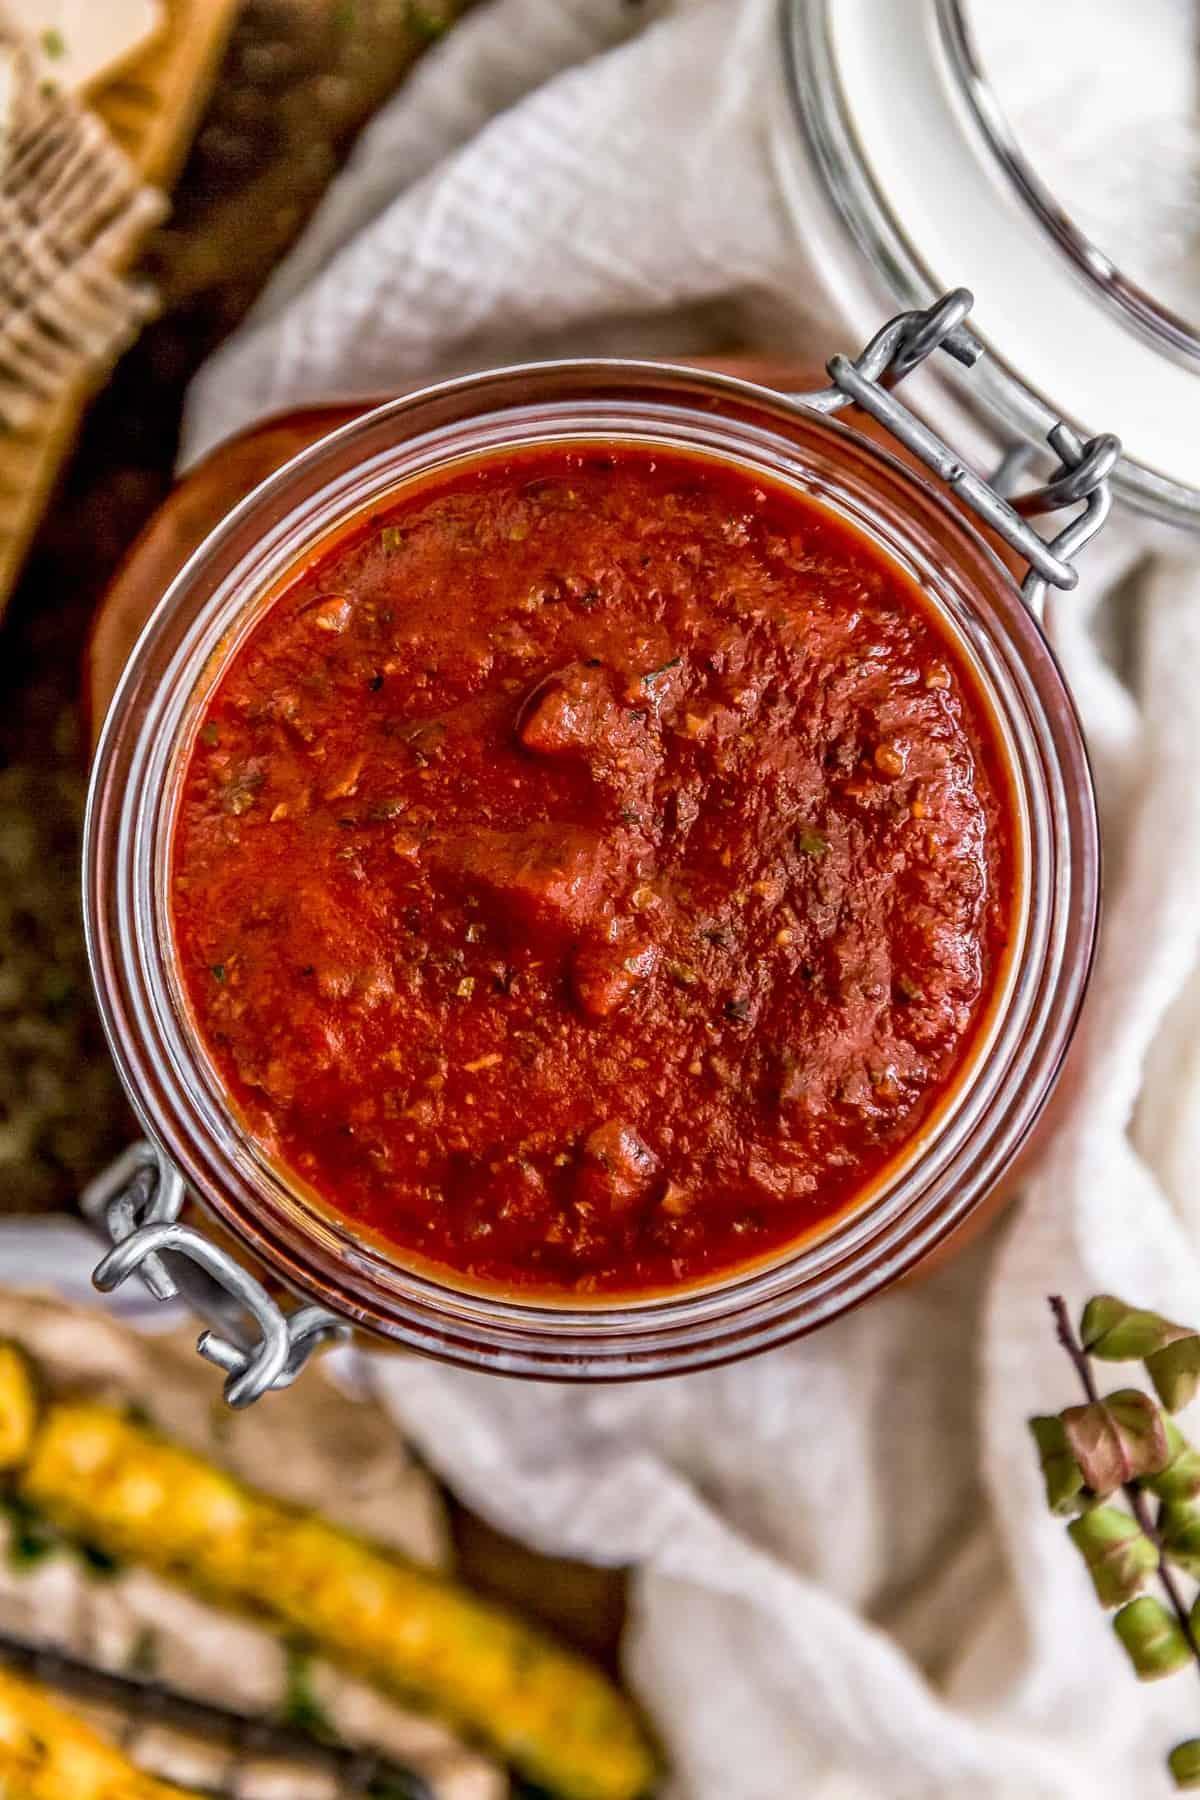 Jar of Easy Healthy Marinara Sauce